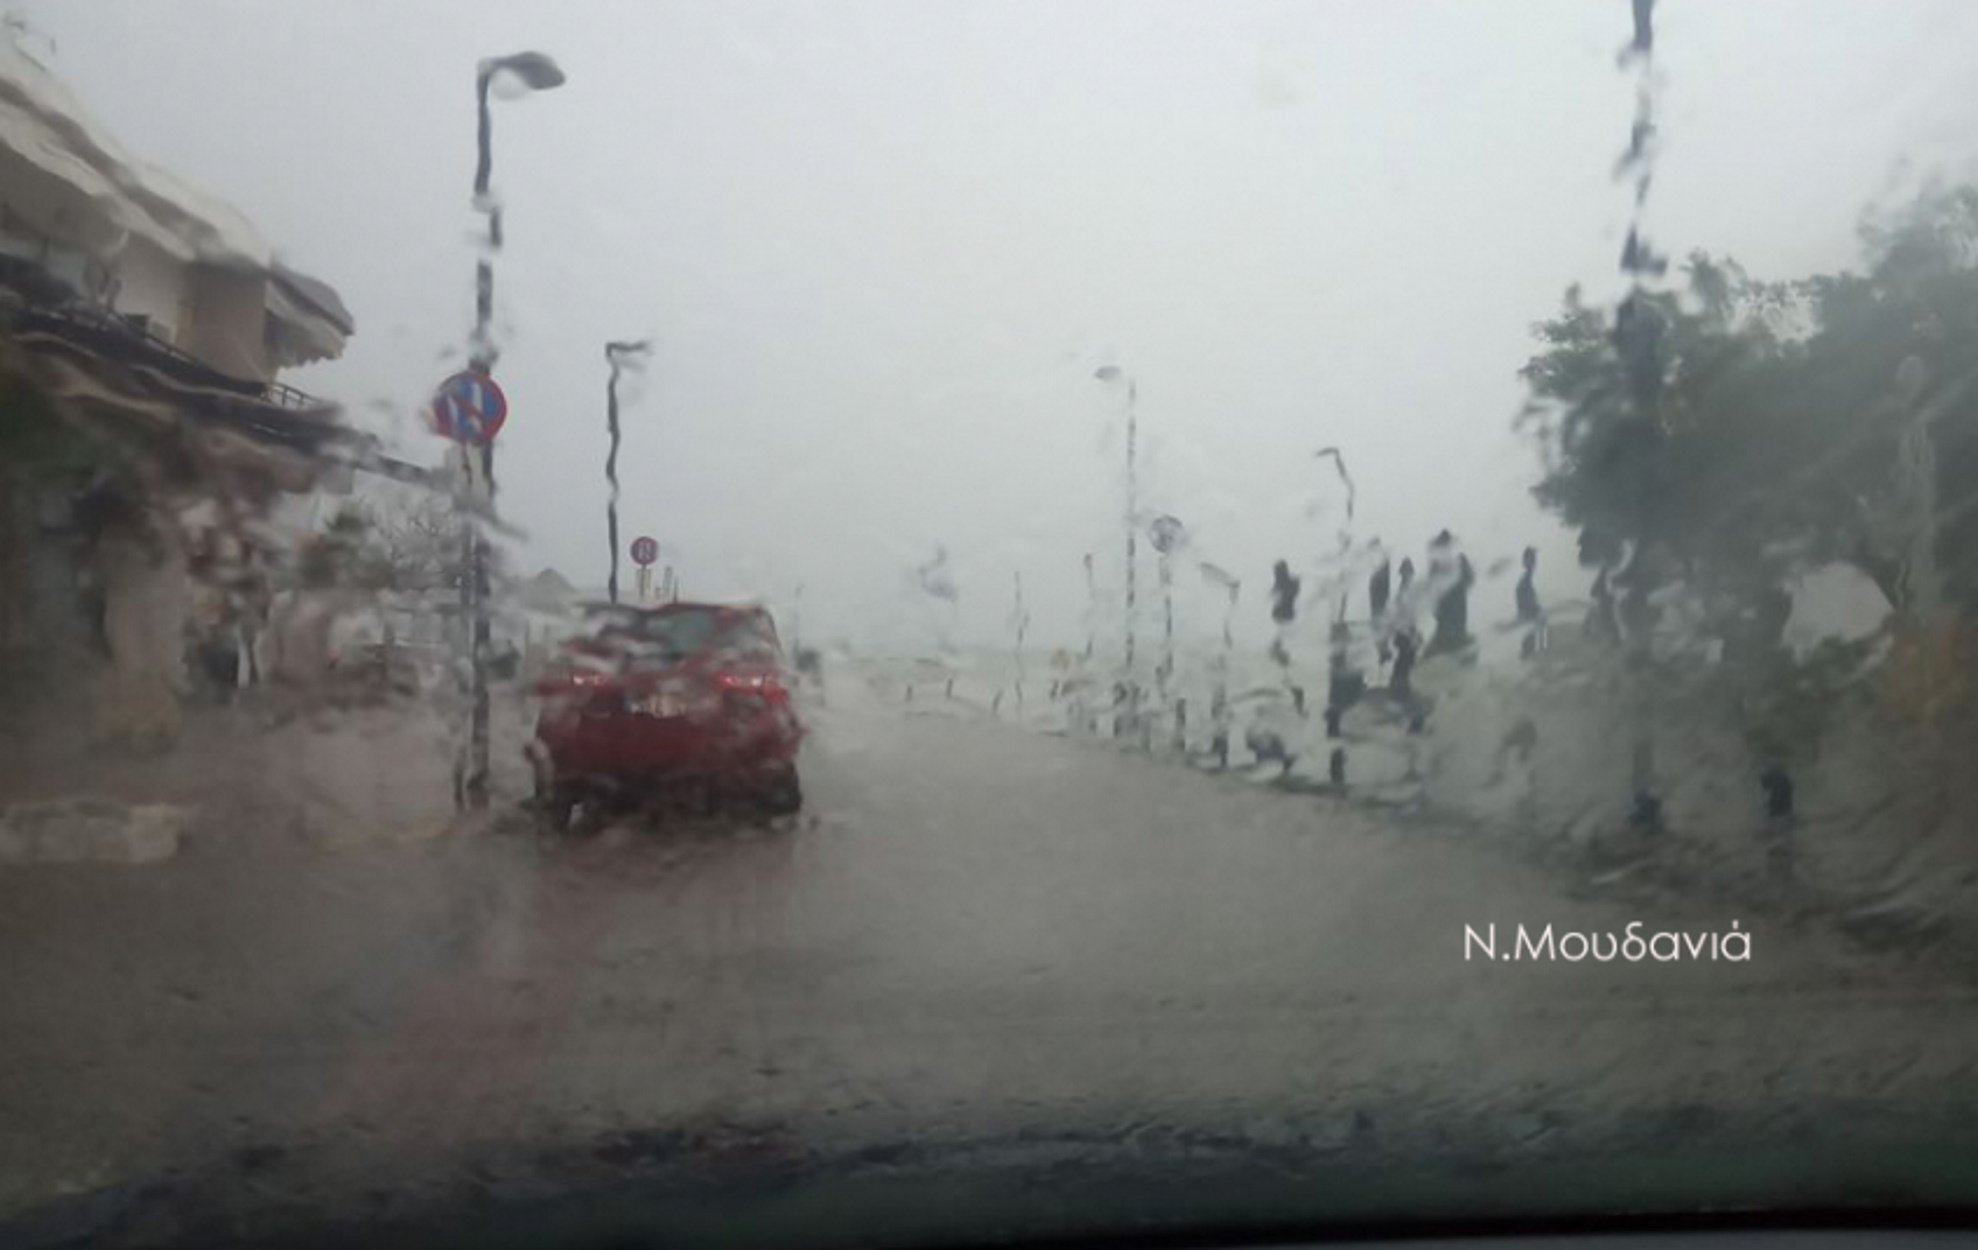 """Κατακλυσμός στη Χαλκιδική: """"Βούλιαξαν"""" Κασσάνδρα και Νέα Μουδανιά (pics) – Ειδήσεις"""